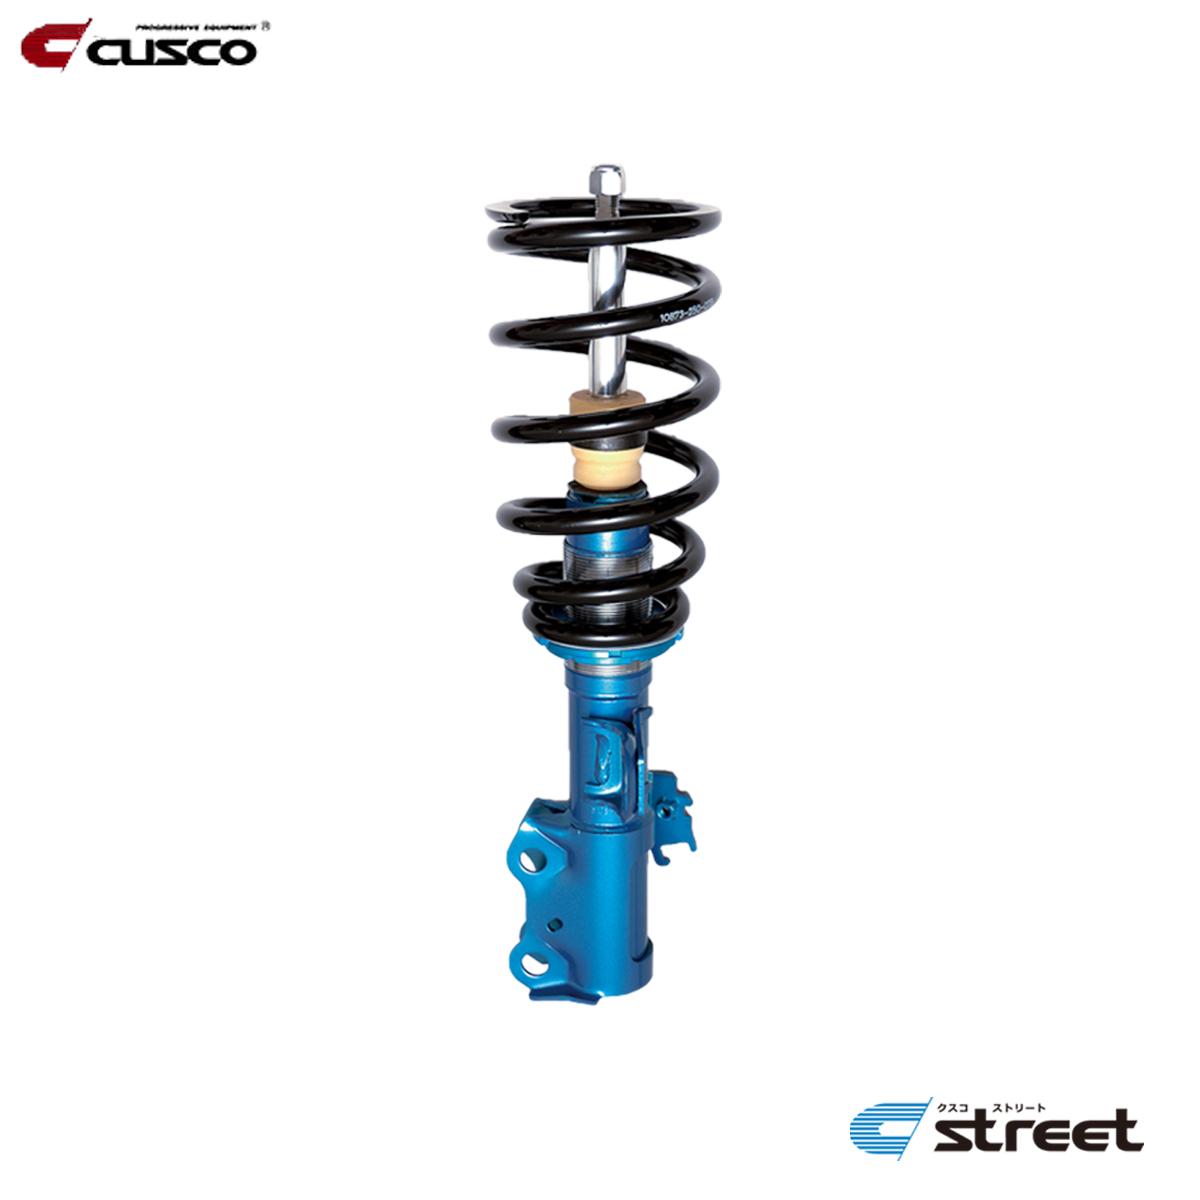 CUSCO クスコ タント タントカスタム L375S 車高調 全長固定式 780-62K-CBA